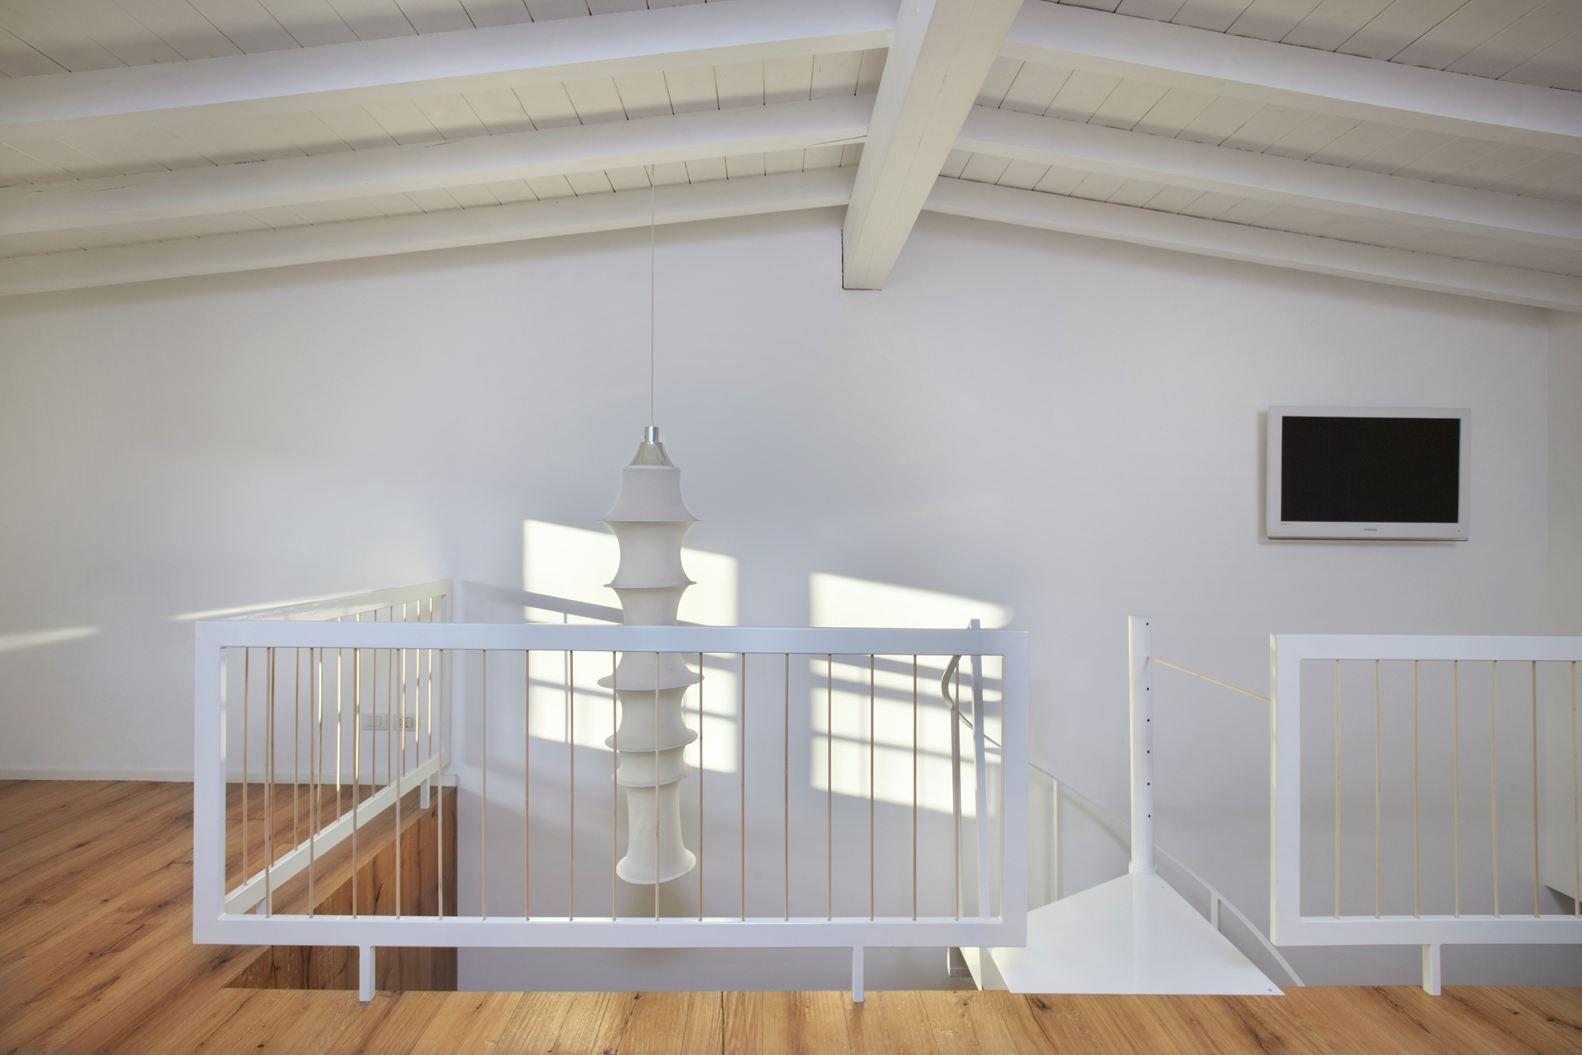 Una mansarda open space in verticale http//www.mansarda